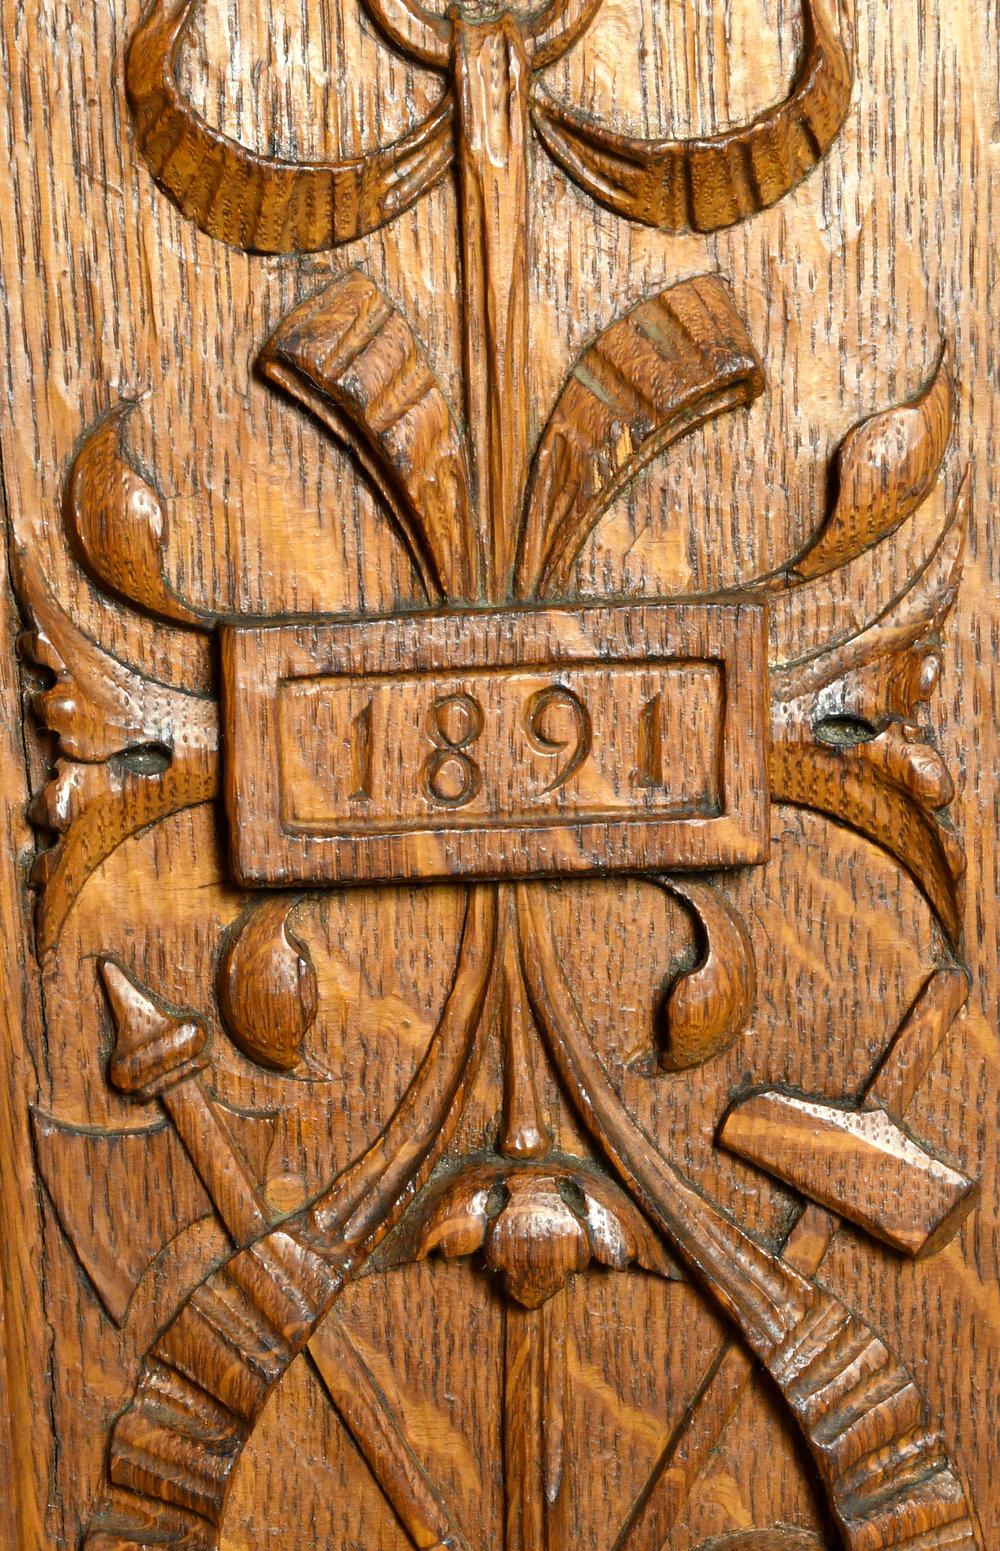 47720-carved-oak-railing-1891.jpg